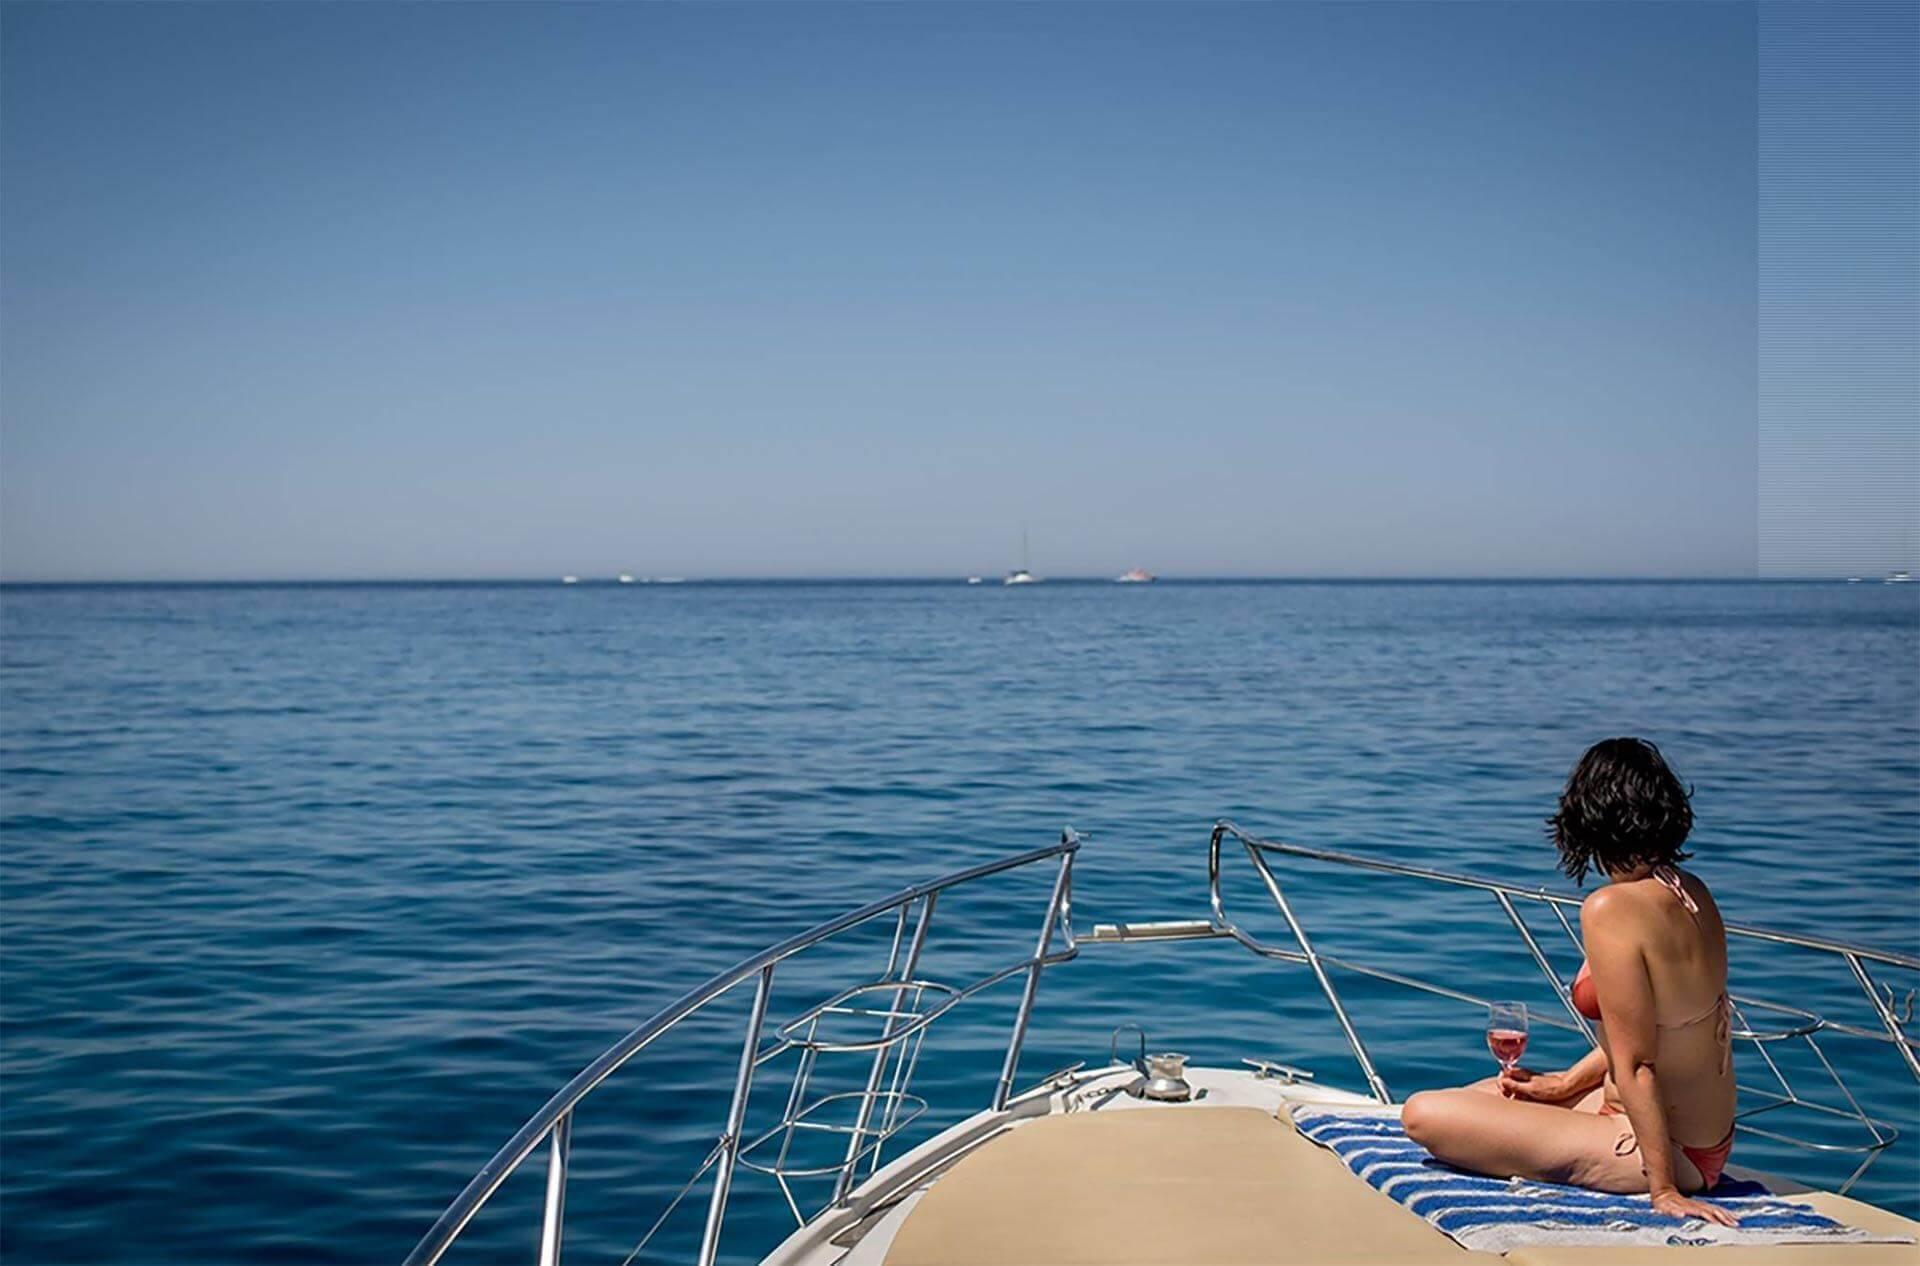 Girl Sunbathing On Yacht